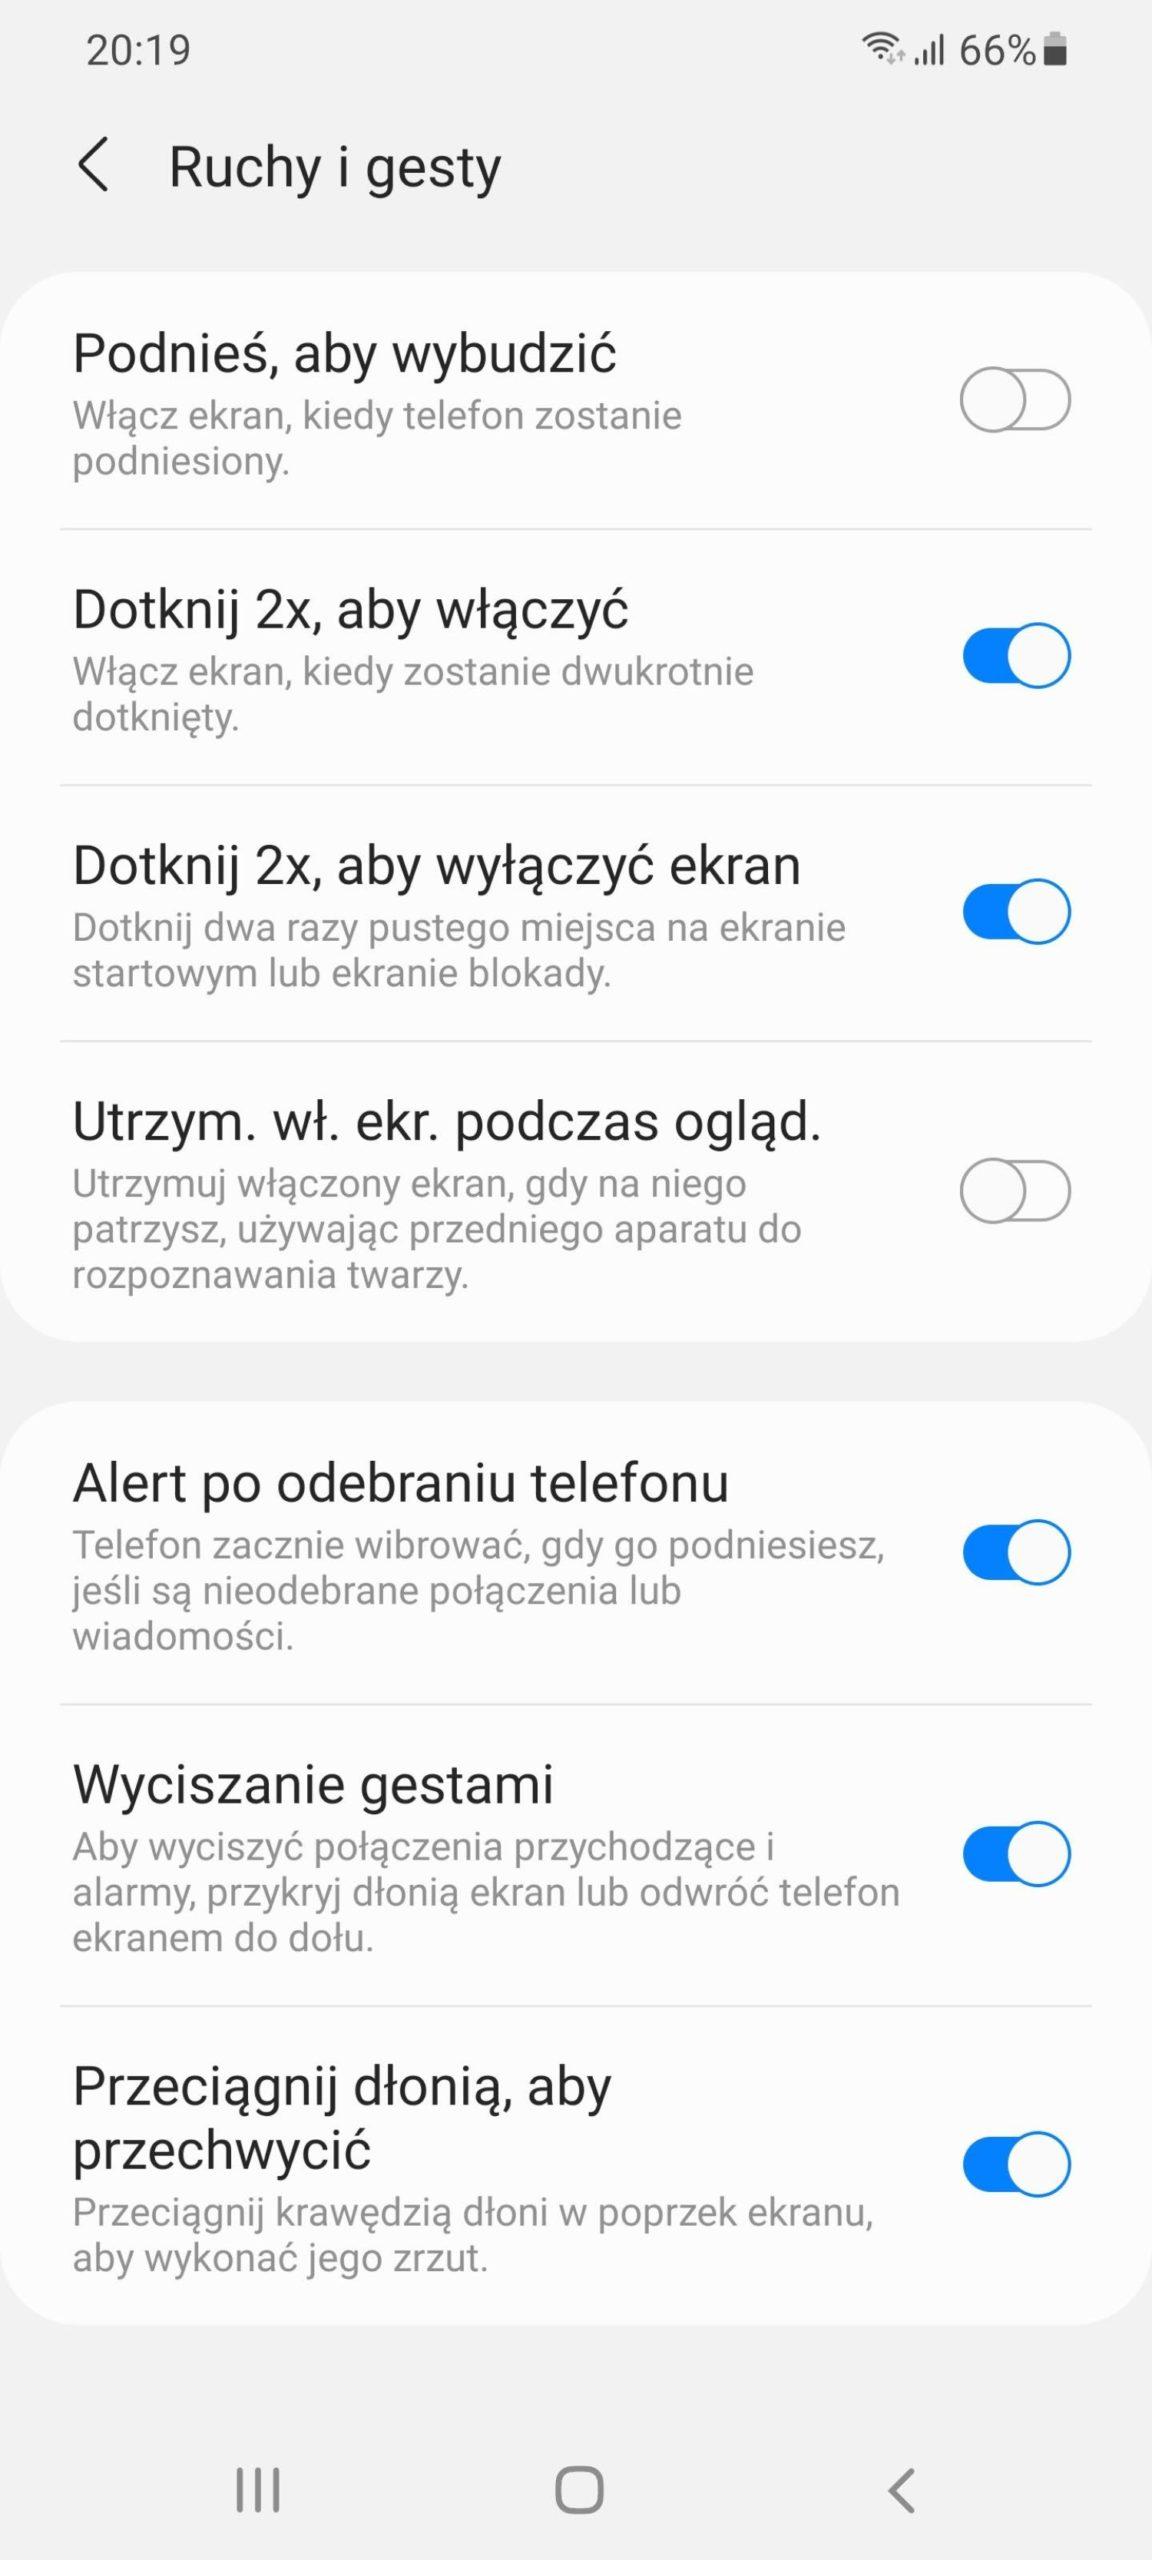 ruchy i gesty w Samsung Galaxy S21 Ultra